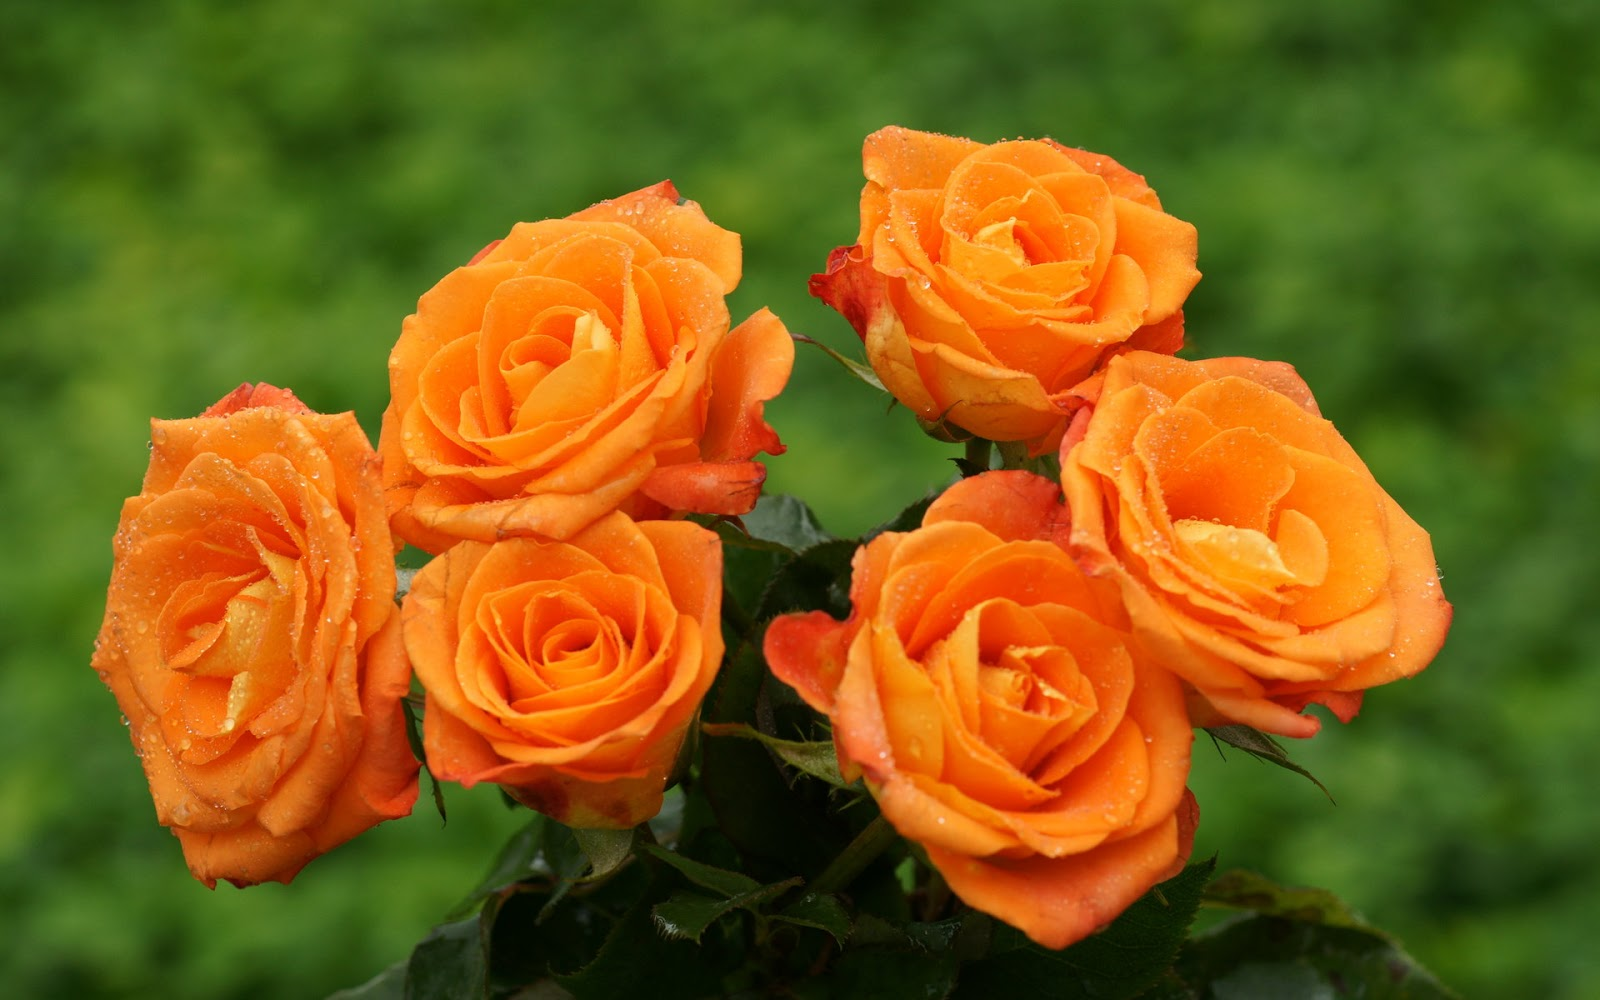 Beautiful Roses HD Desktop Wallpapers in 1080p ~ Super HD ...